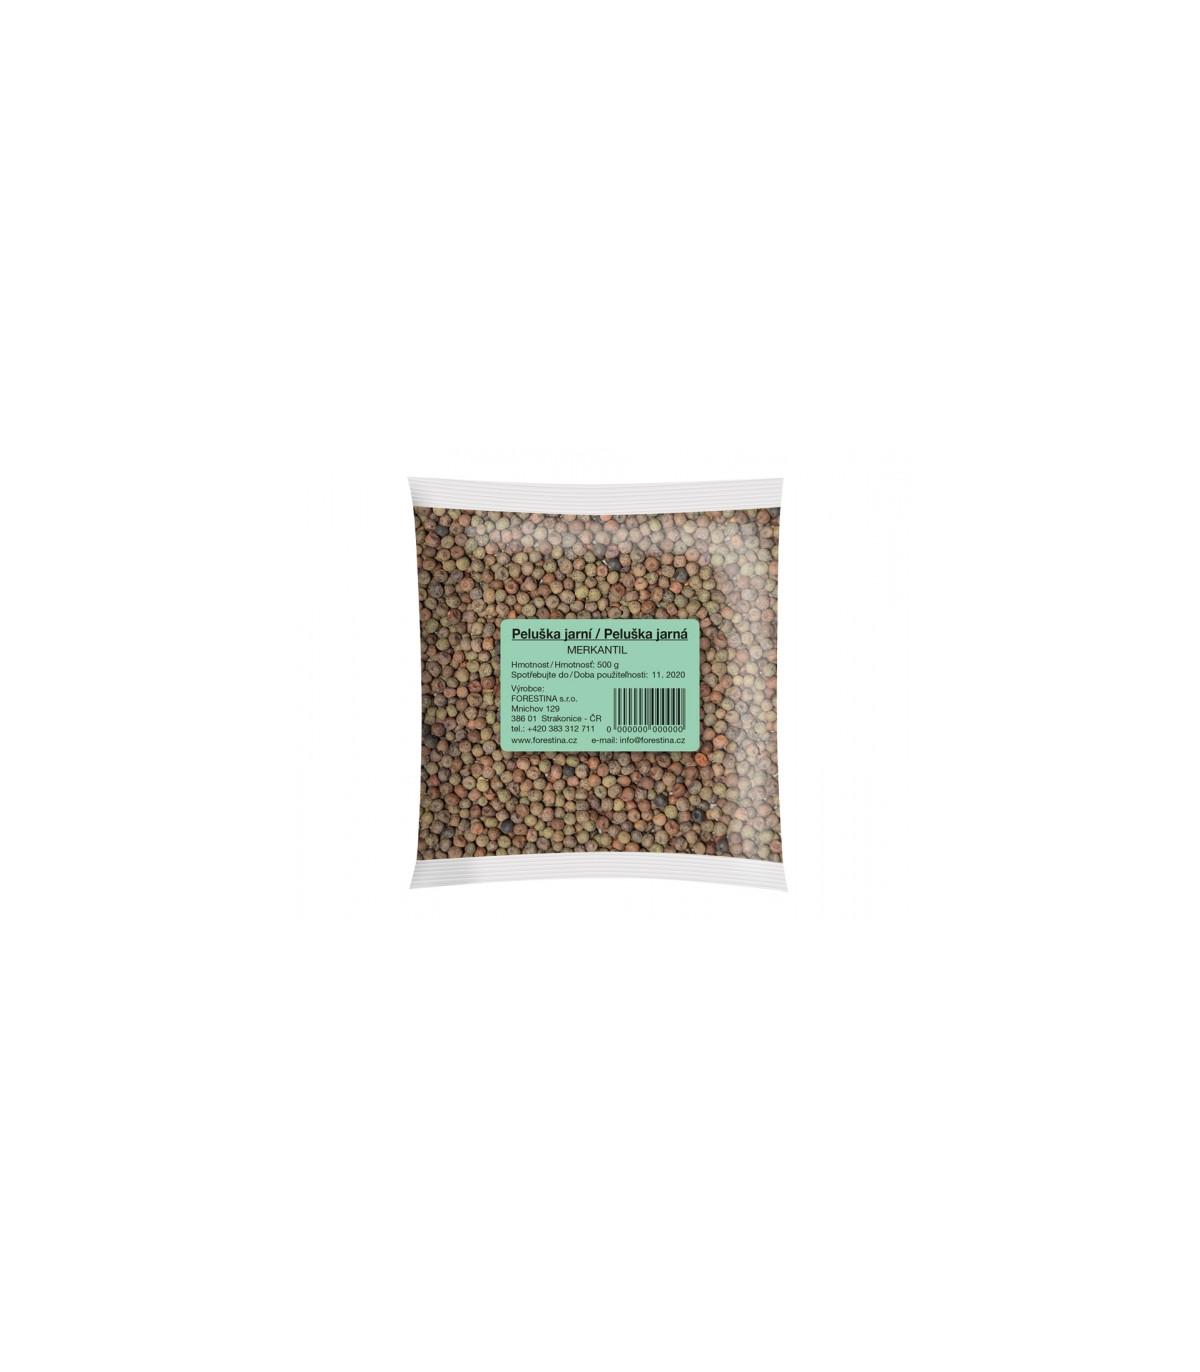 Peluška jarní - Zelené hnojení - 500 gr